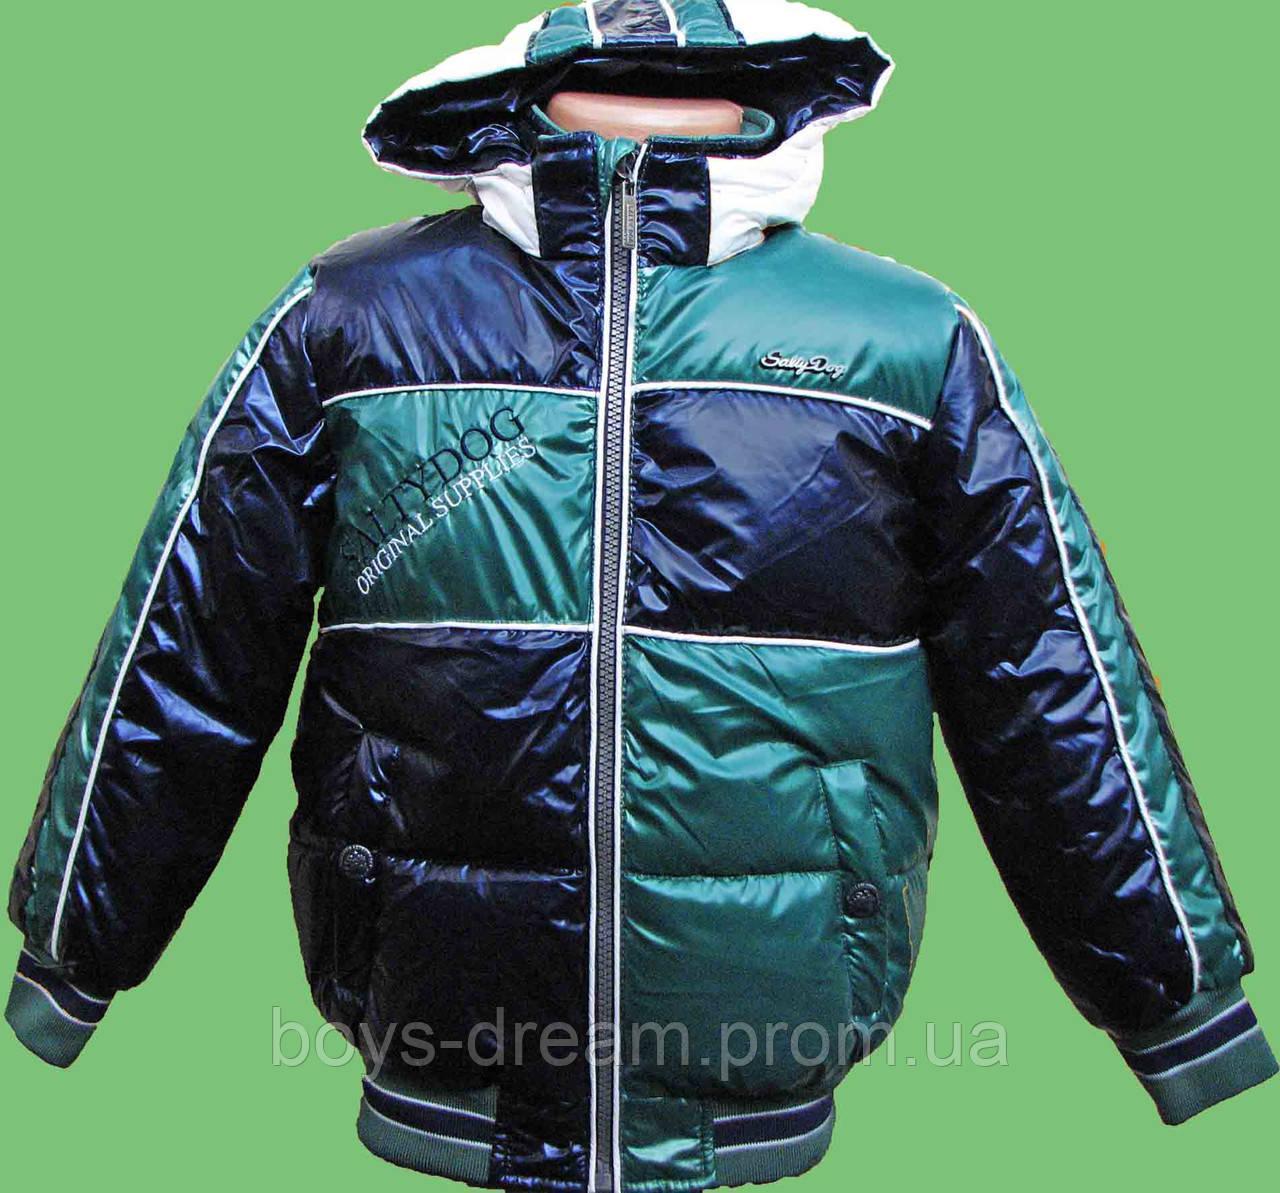 Куртка зимняя для мальчика Salty Dog.